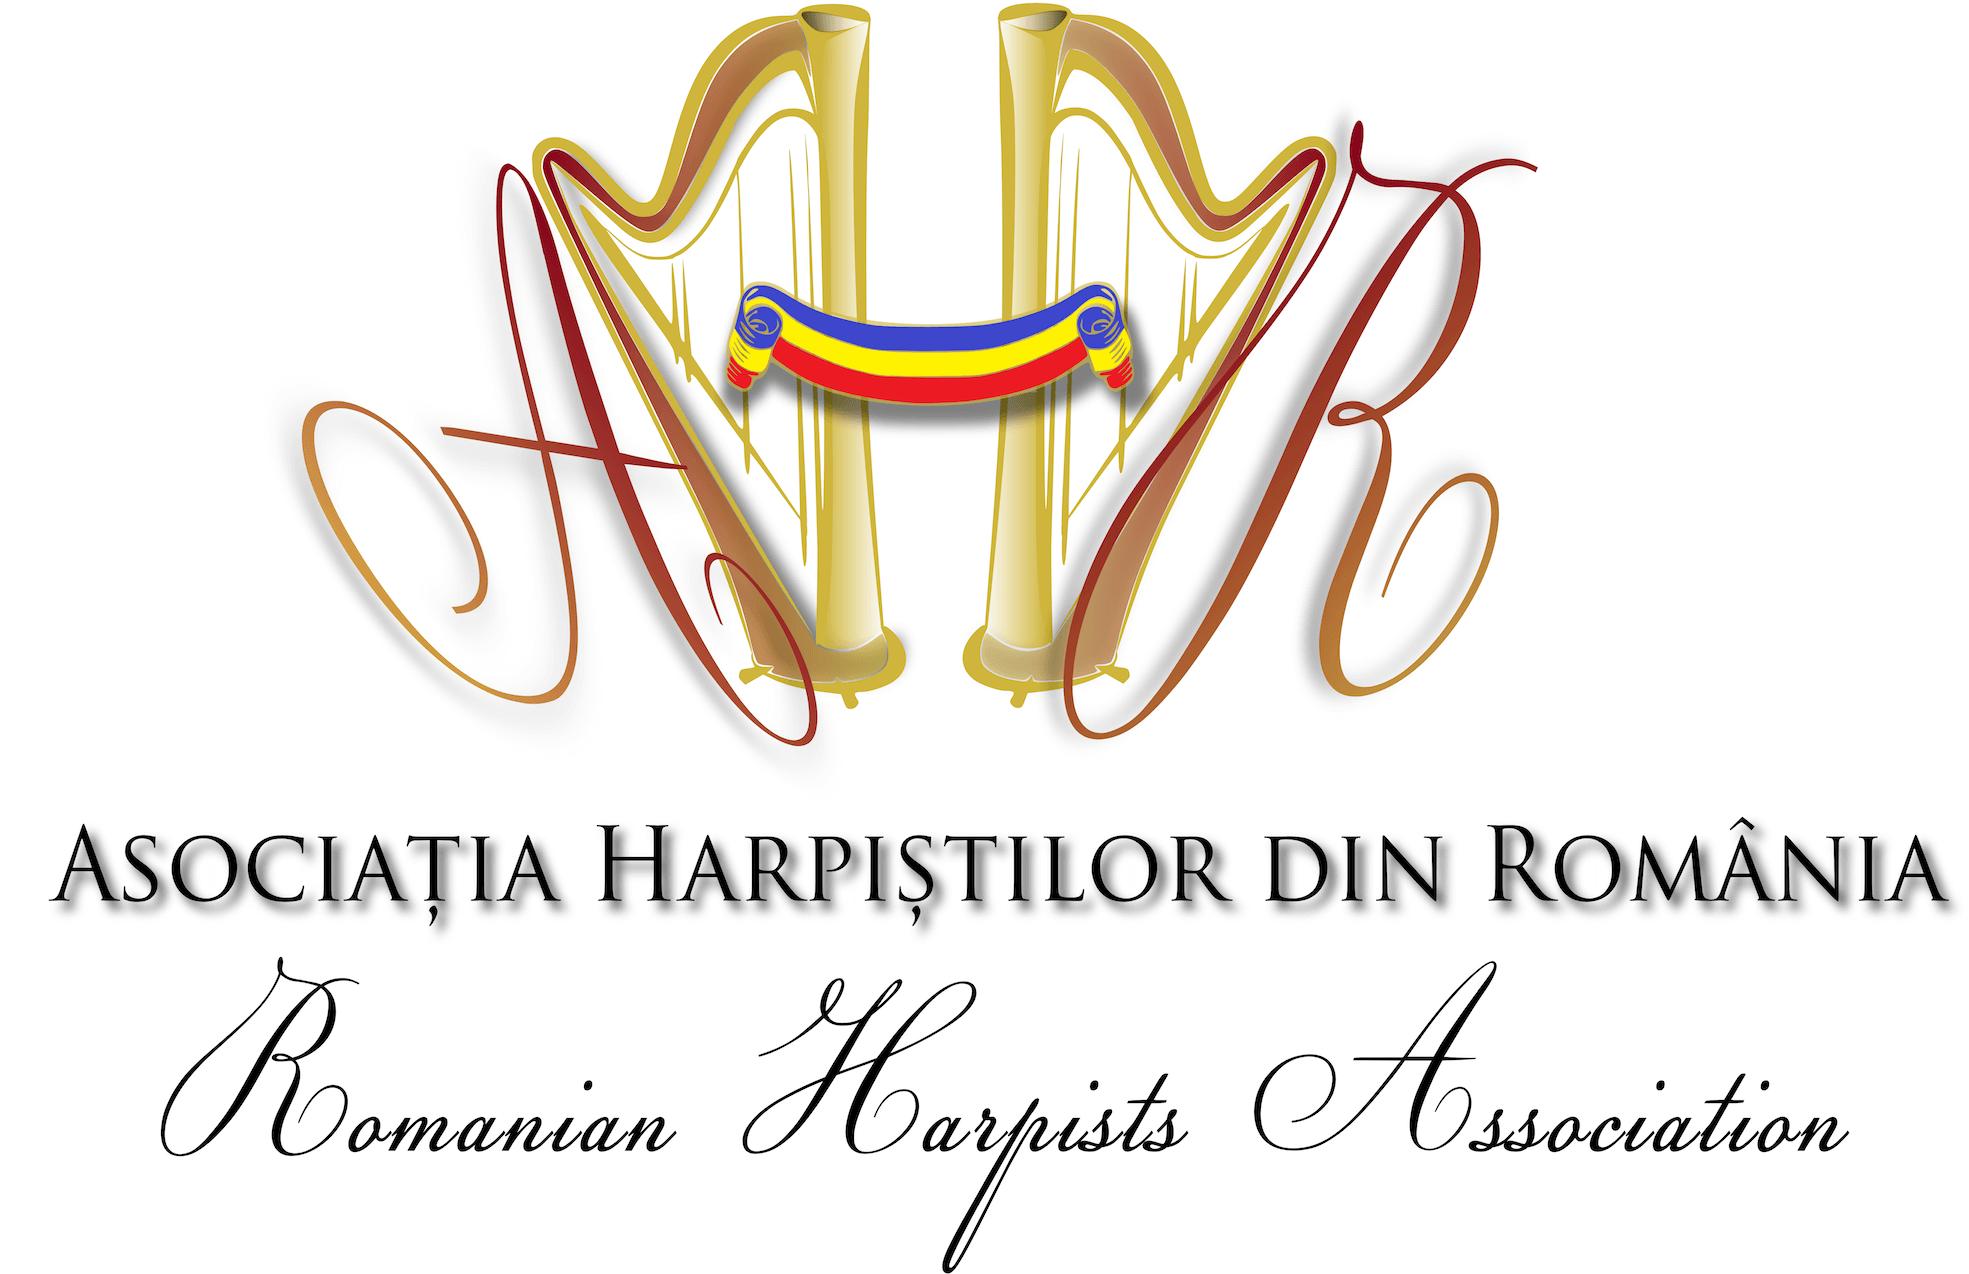 Asociația Harpiștilor din România logo